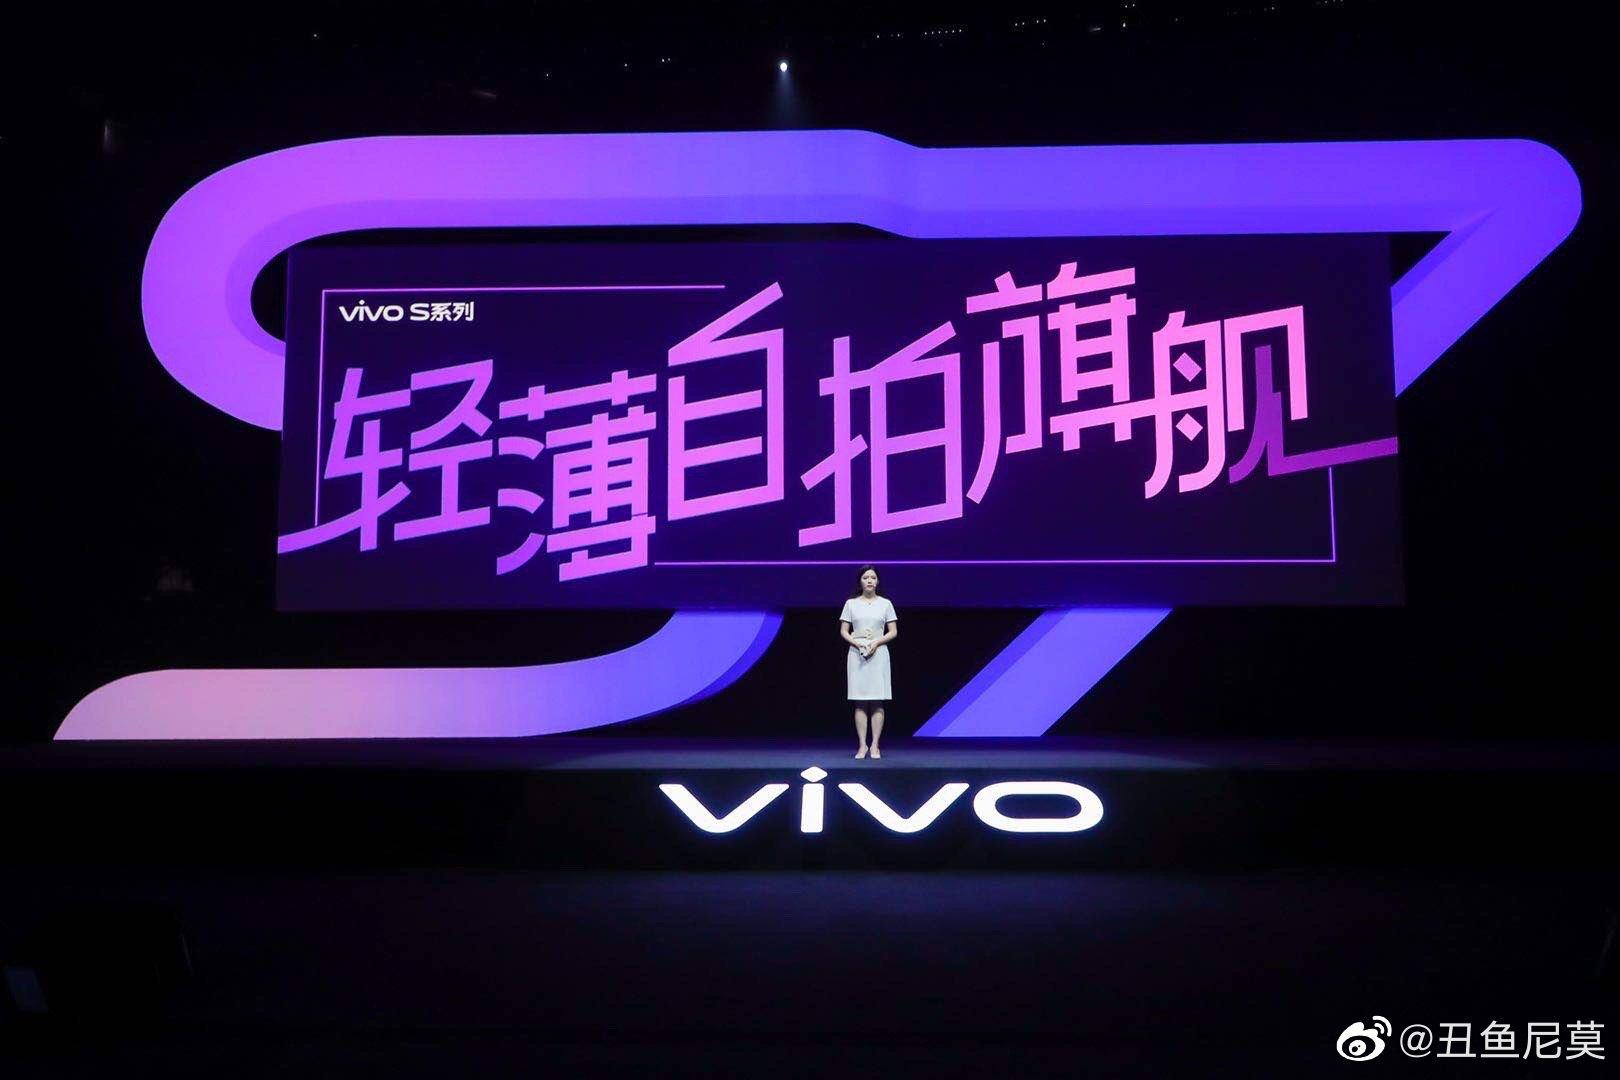 vivo S7 亮点太多了,每一个新的技术都是亮点,每个都为消费者而生